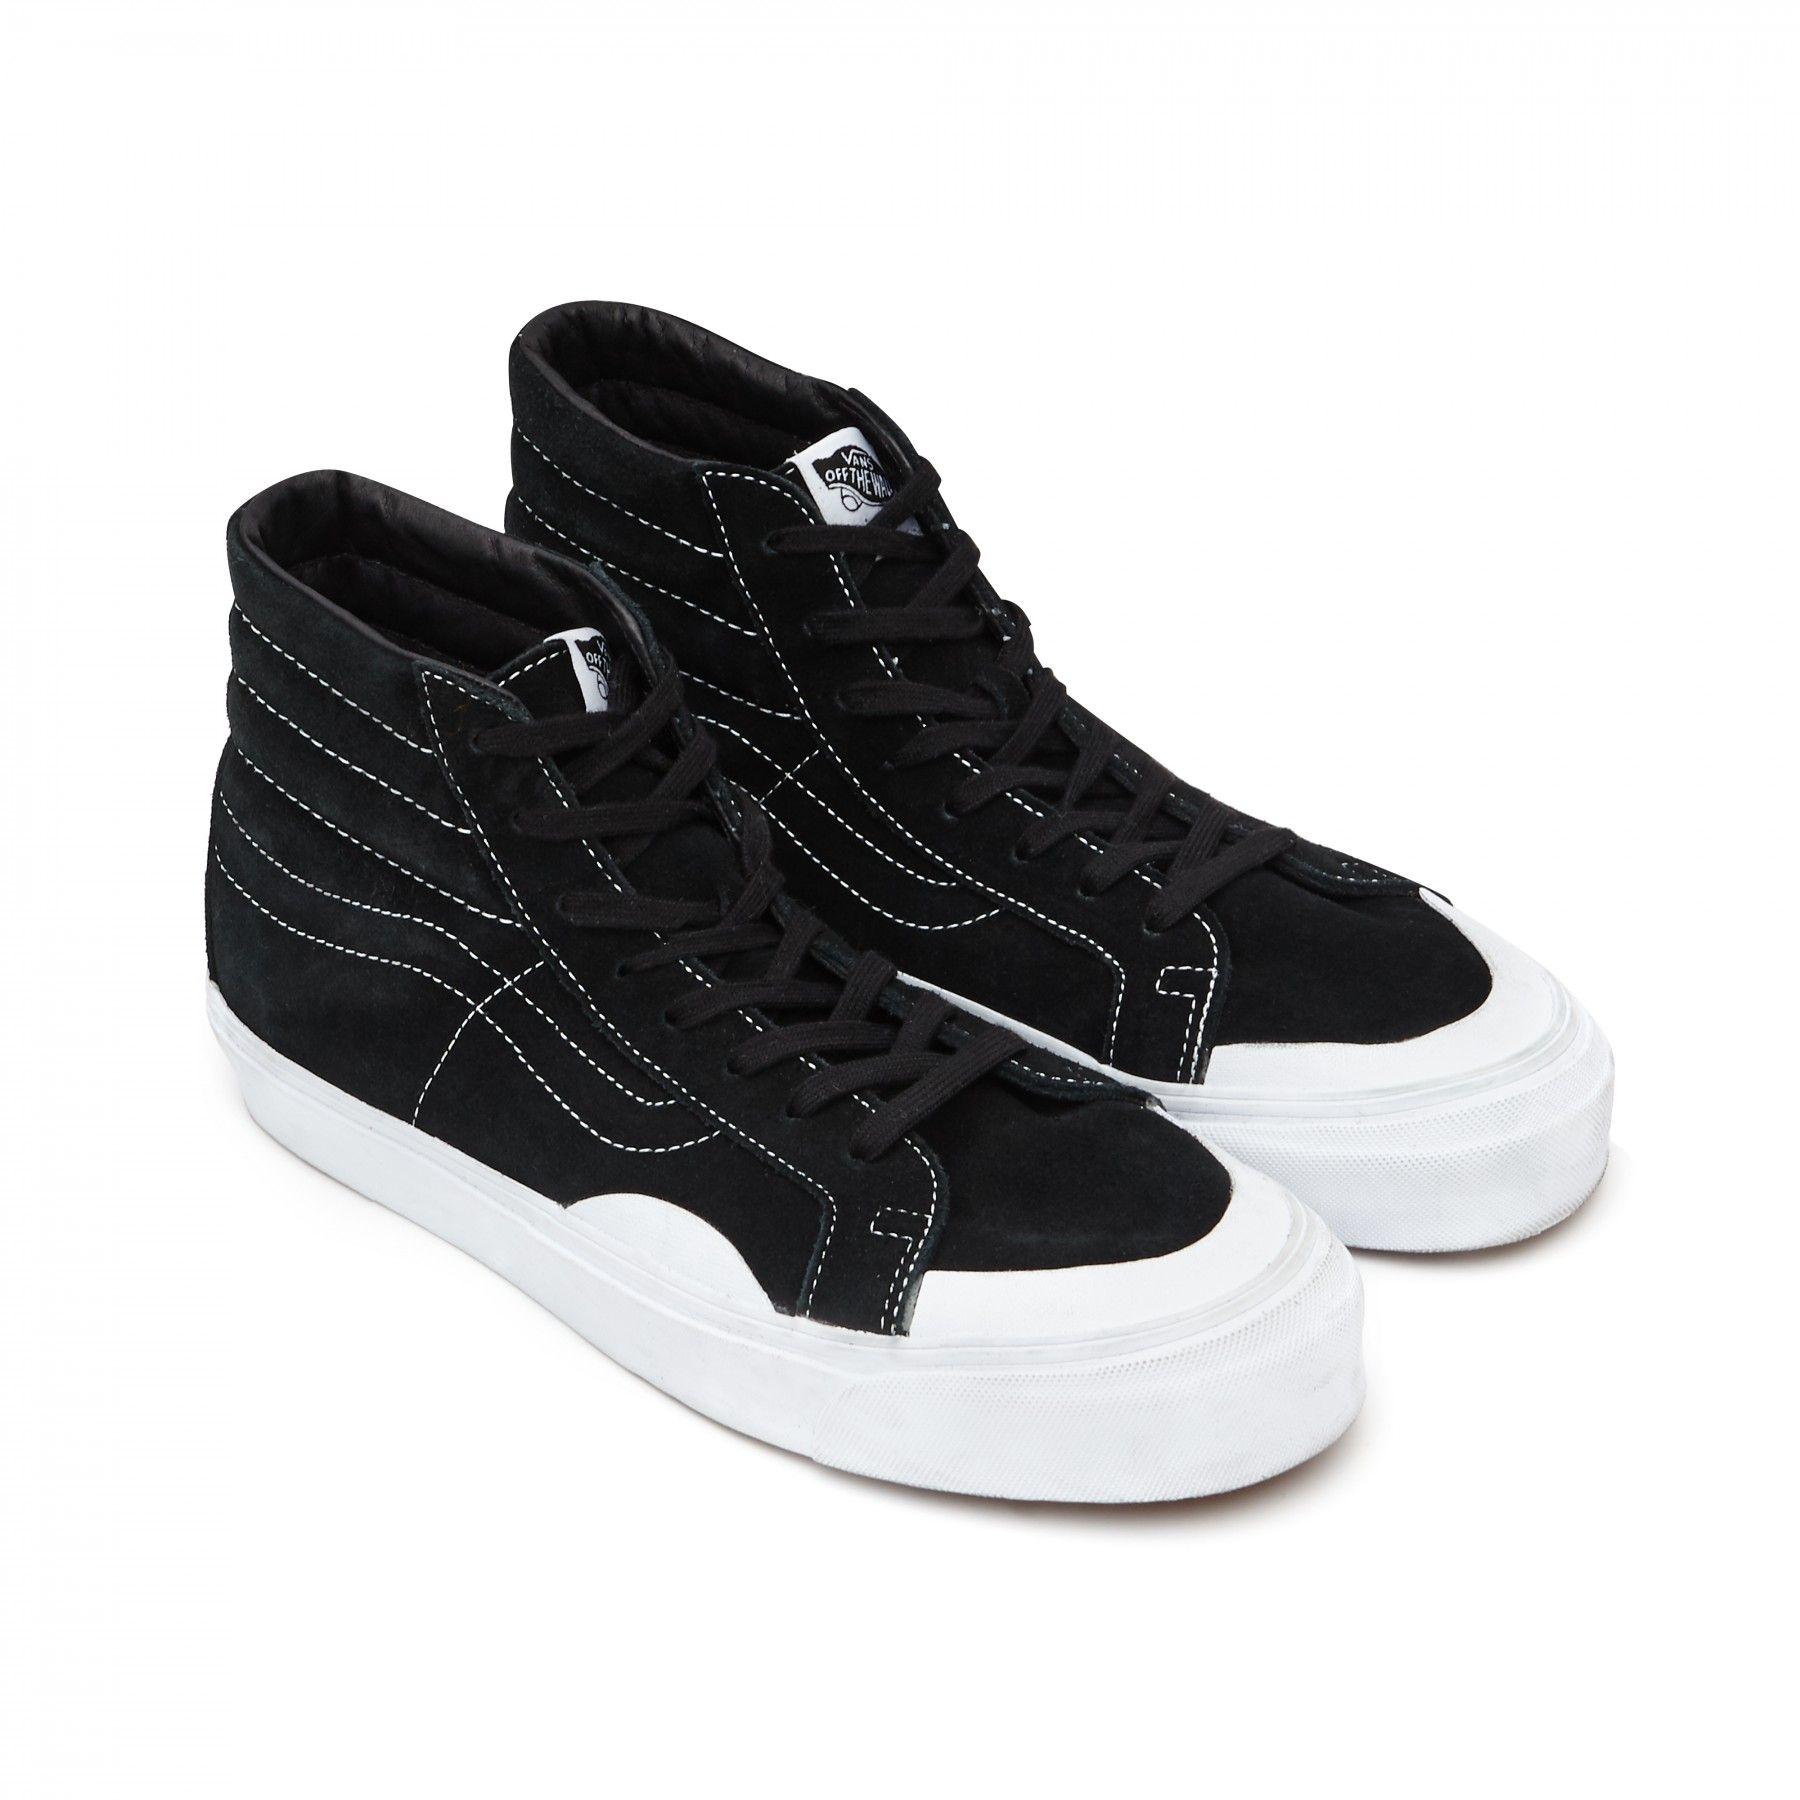 b3048d6012 Gosha Rubchinskiy x Vans SK8-Hi Suede Sneakers (Black)